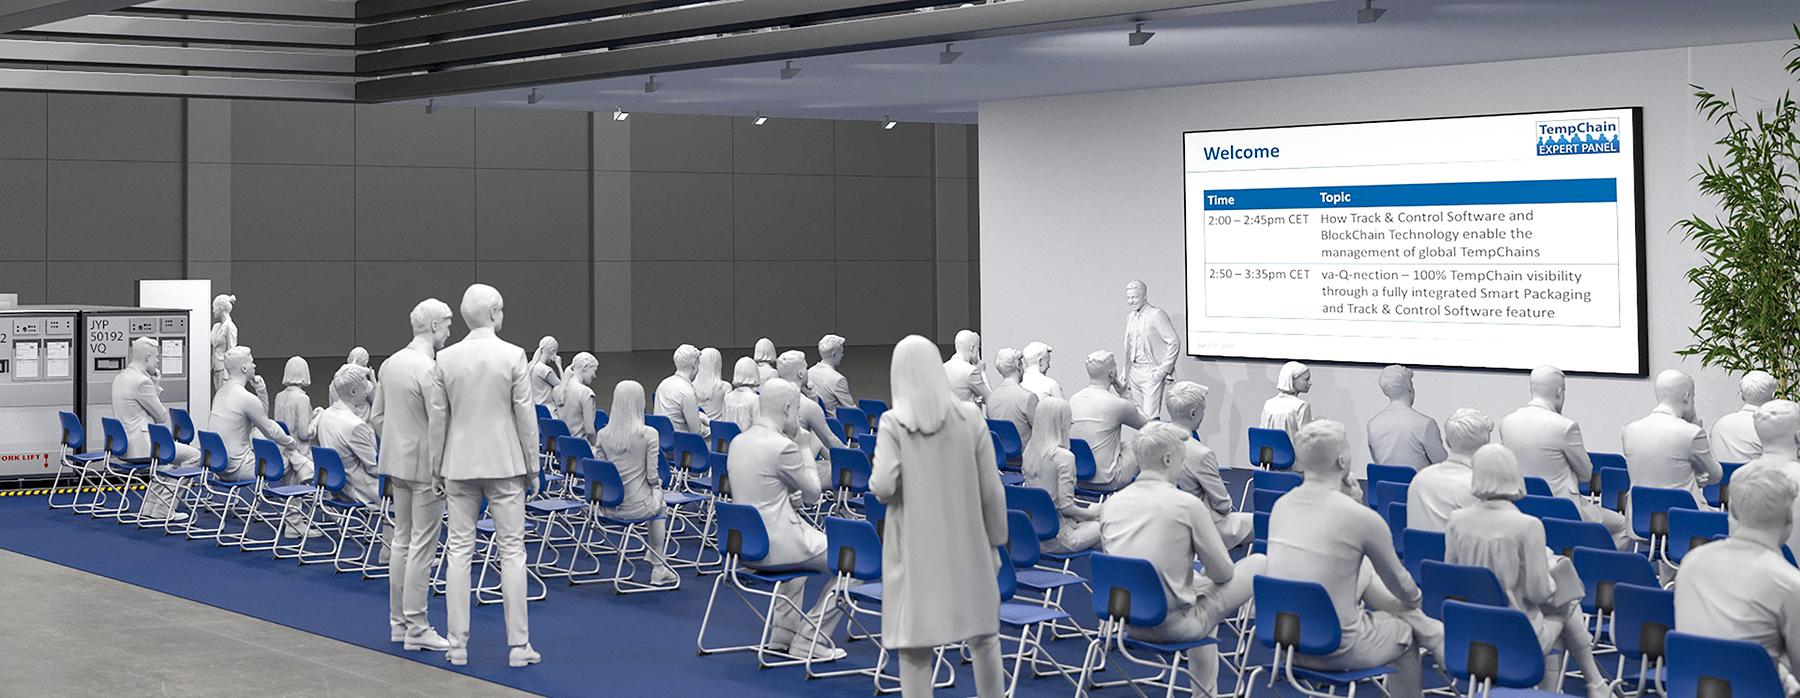 Virtueller Messestand - presentation zone, Konstruktion und Rendering